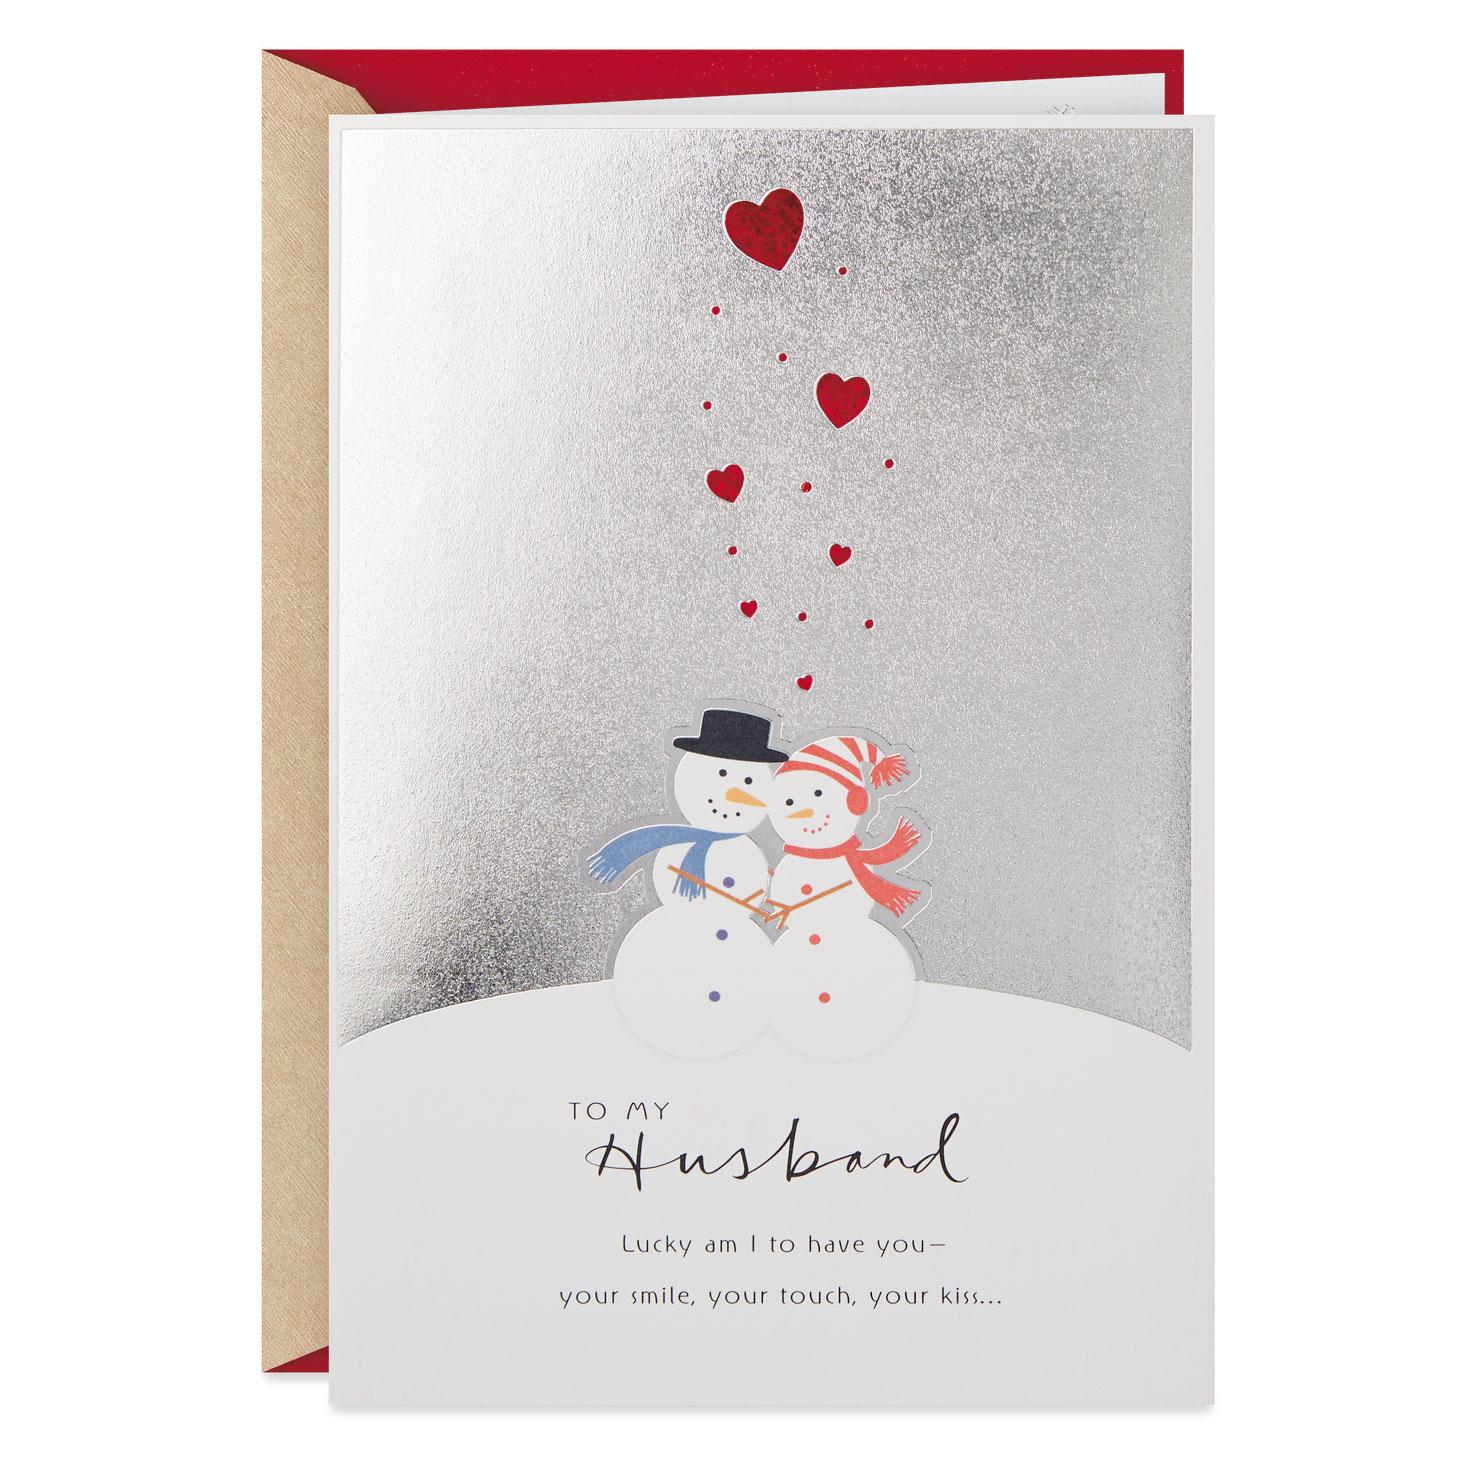 Husband Christmas Cards.Hugging Snowman Couple Christmas Card For Husband